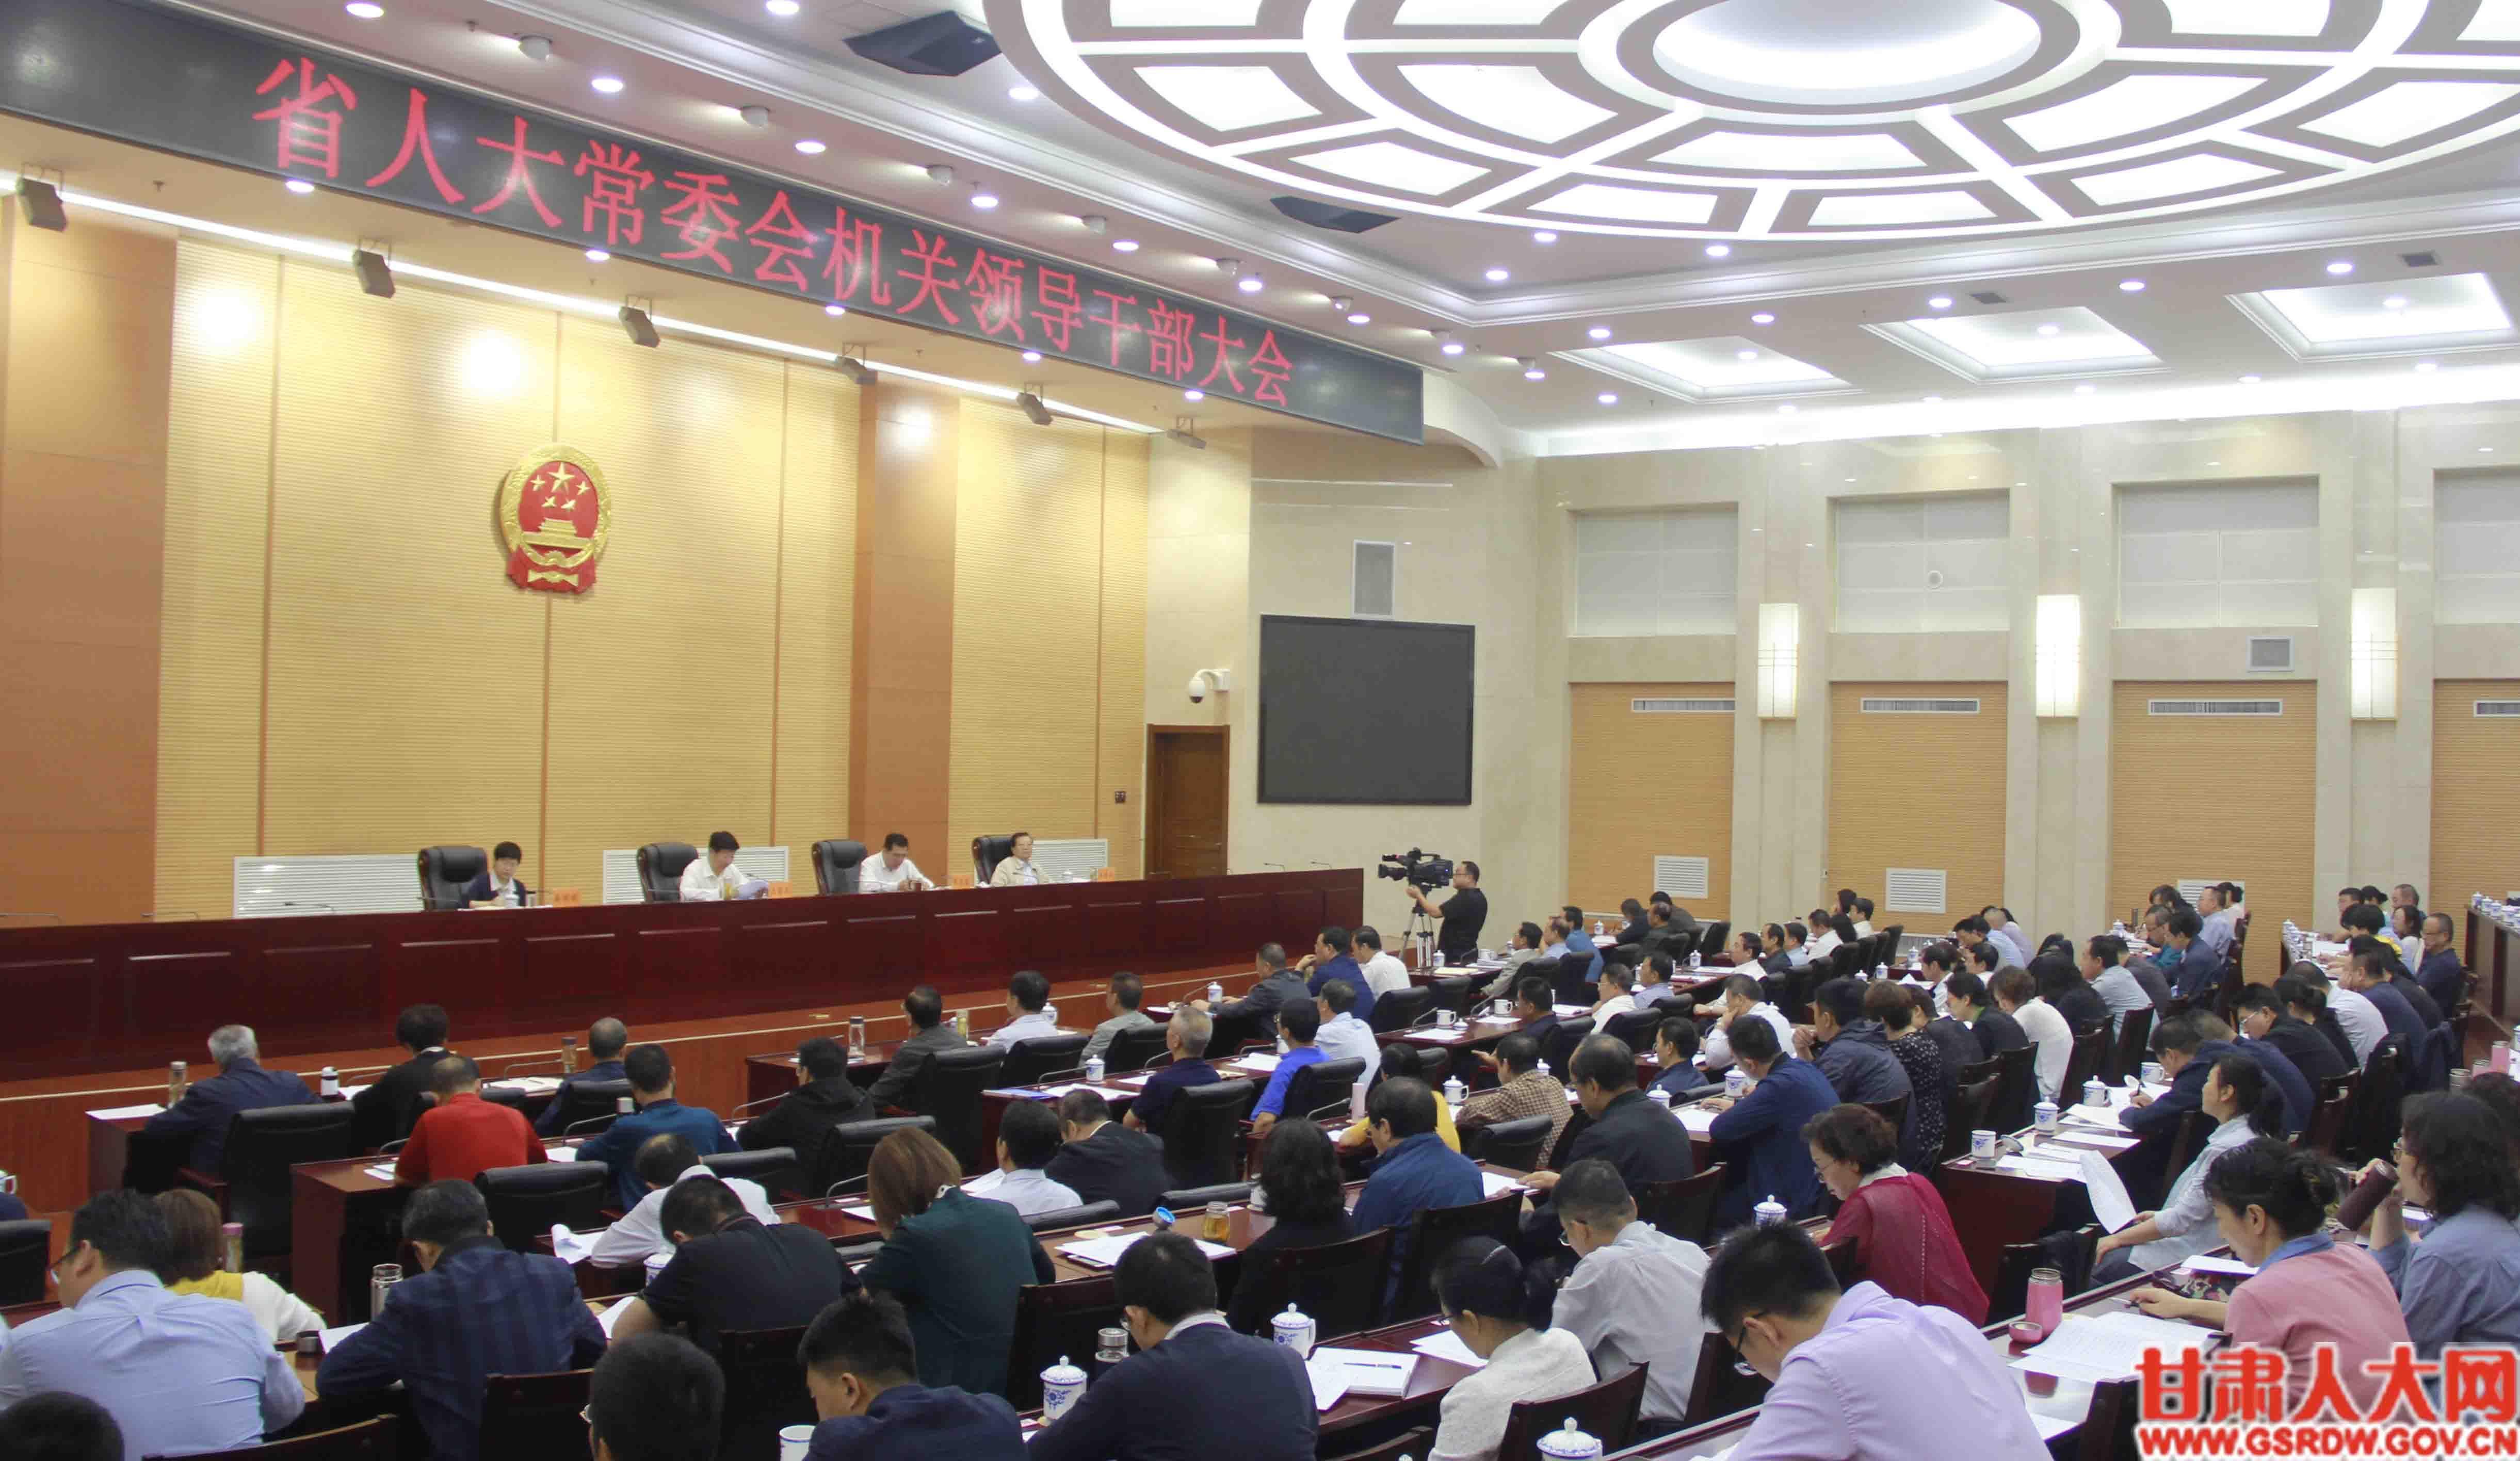 8月26日上午,省人大常委会召开机关领导干部大会  传达学习习近平总书记在甘肃视察时的重要讲话和指示精神